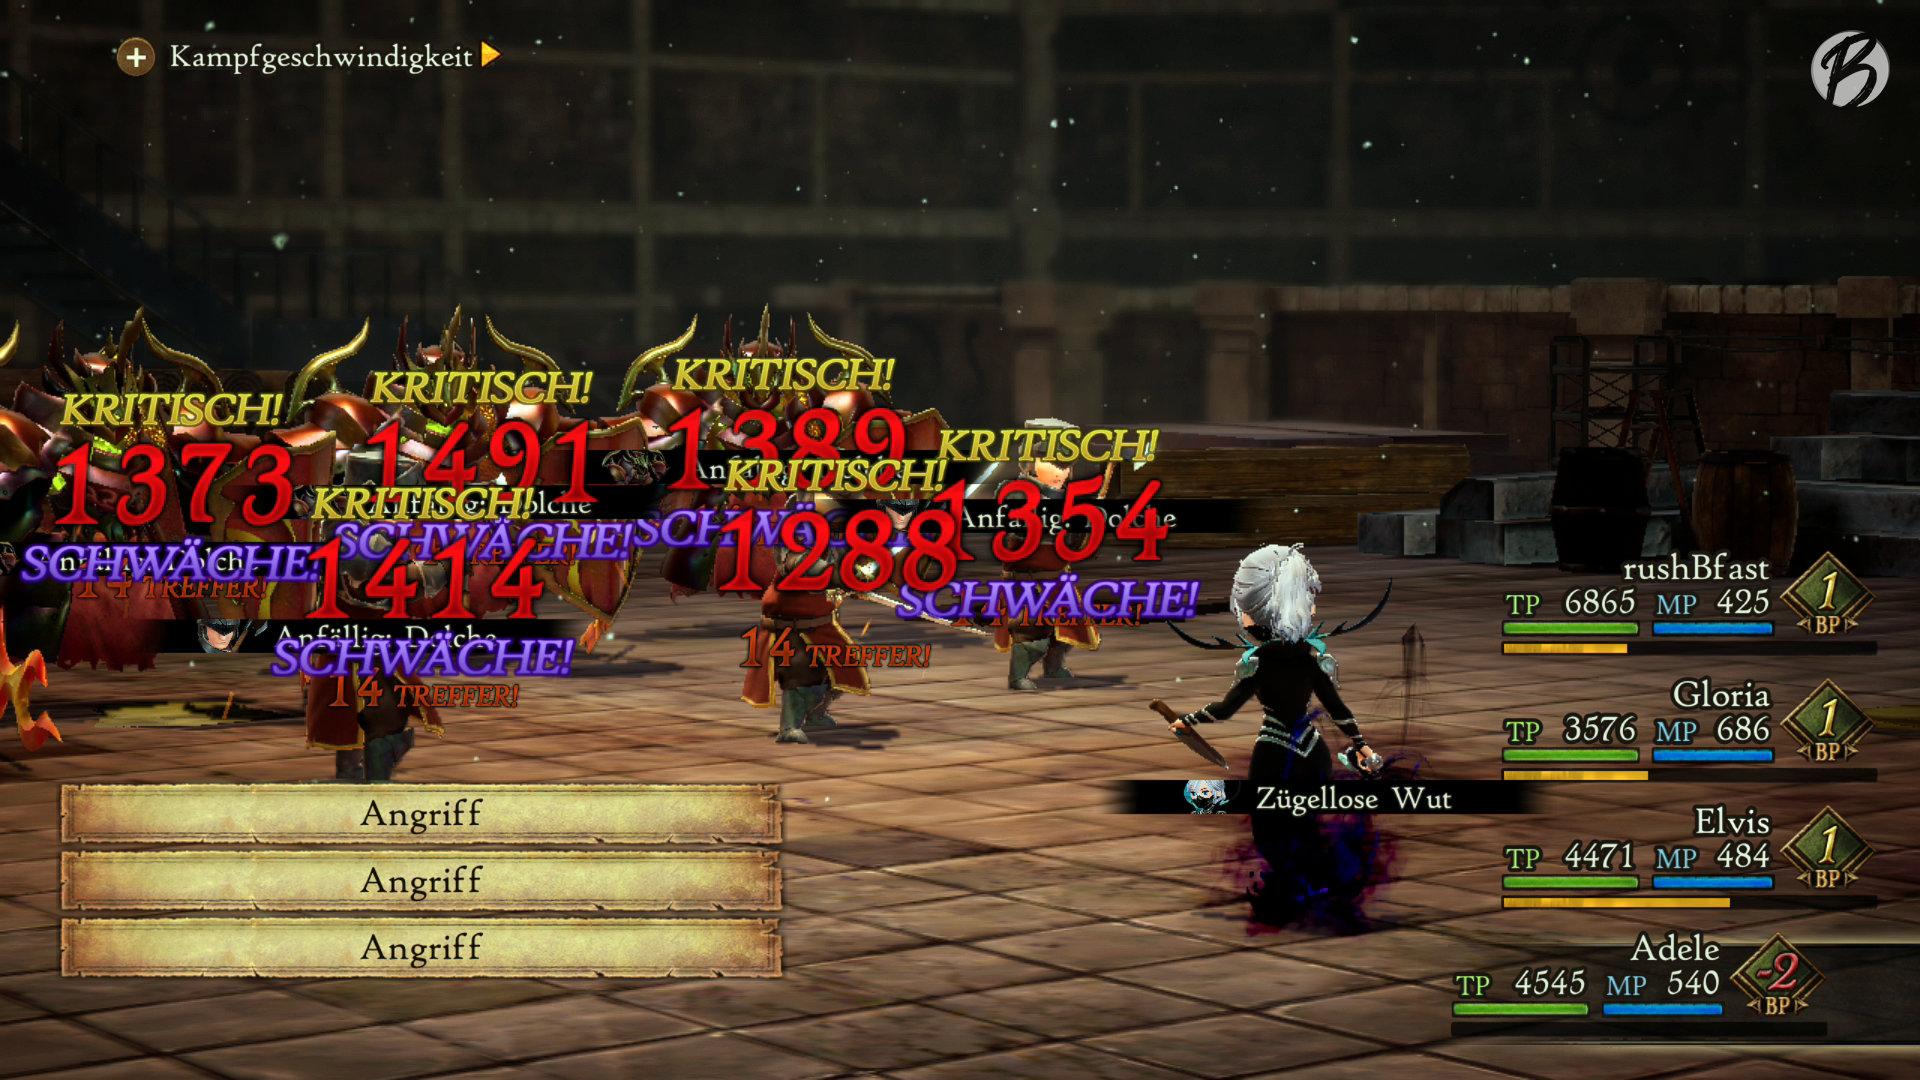 Bravely Default II - Mit bis zu vier Angriffen aneinandergereiht, lassen sich schwächere Gegner mit nur einem Gruppenmitglied blitzschnell ausschalten.